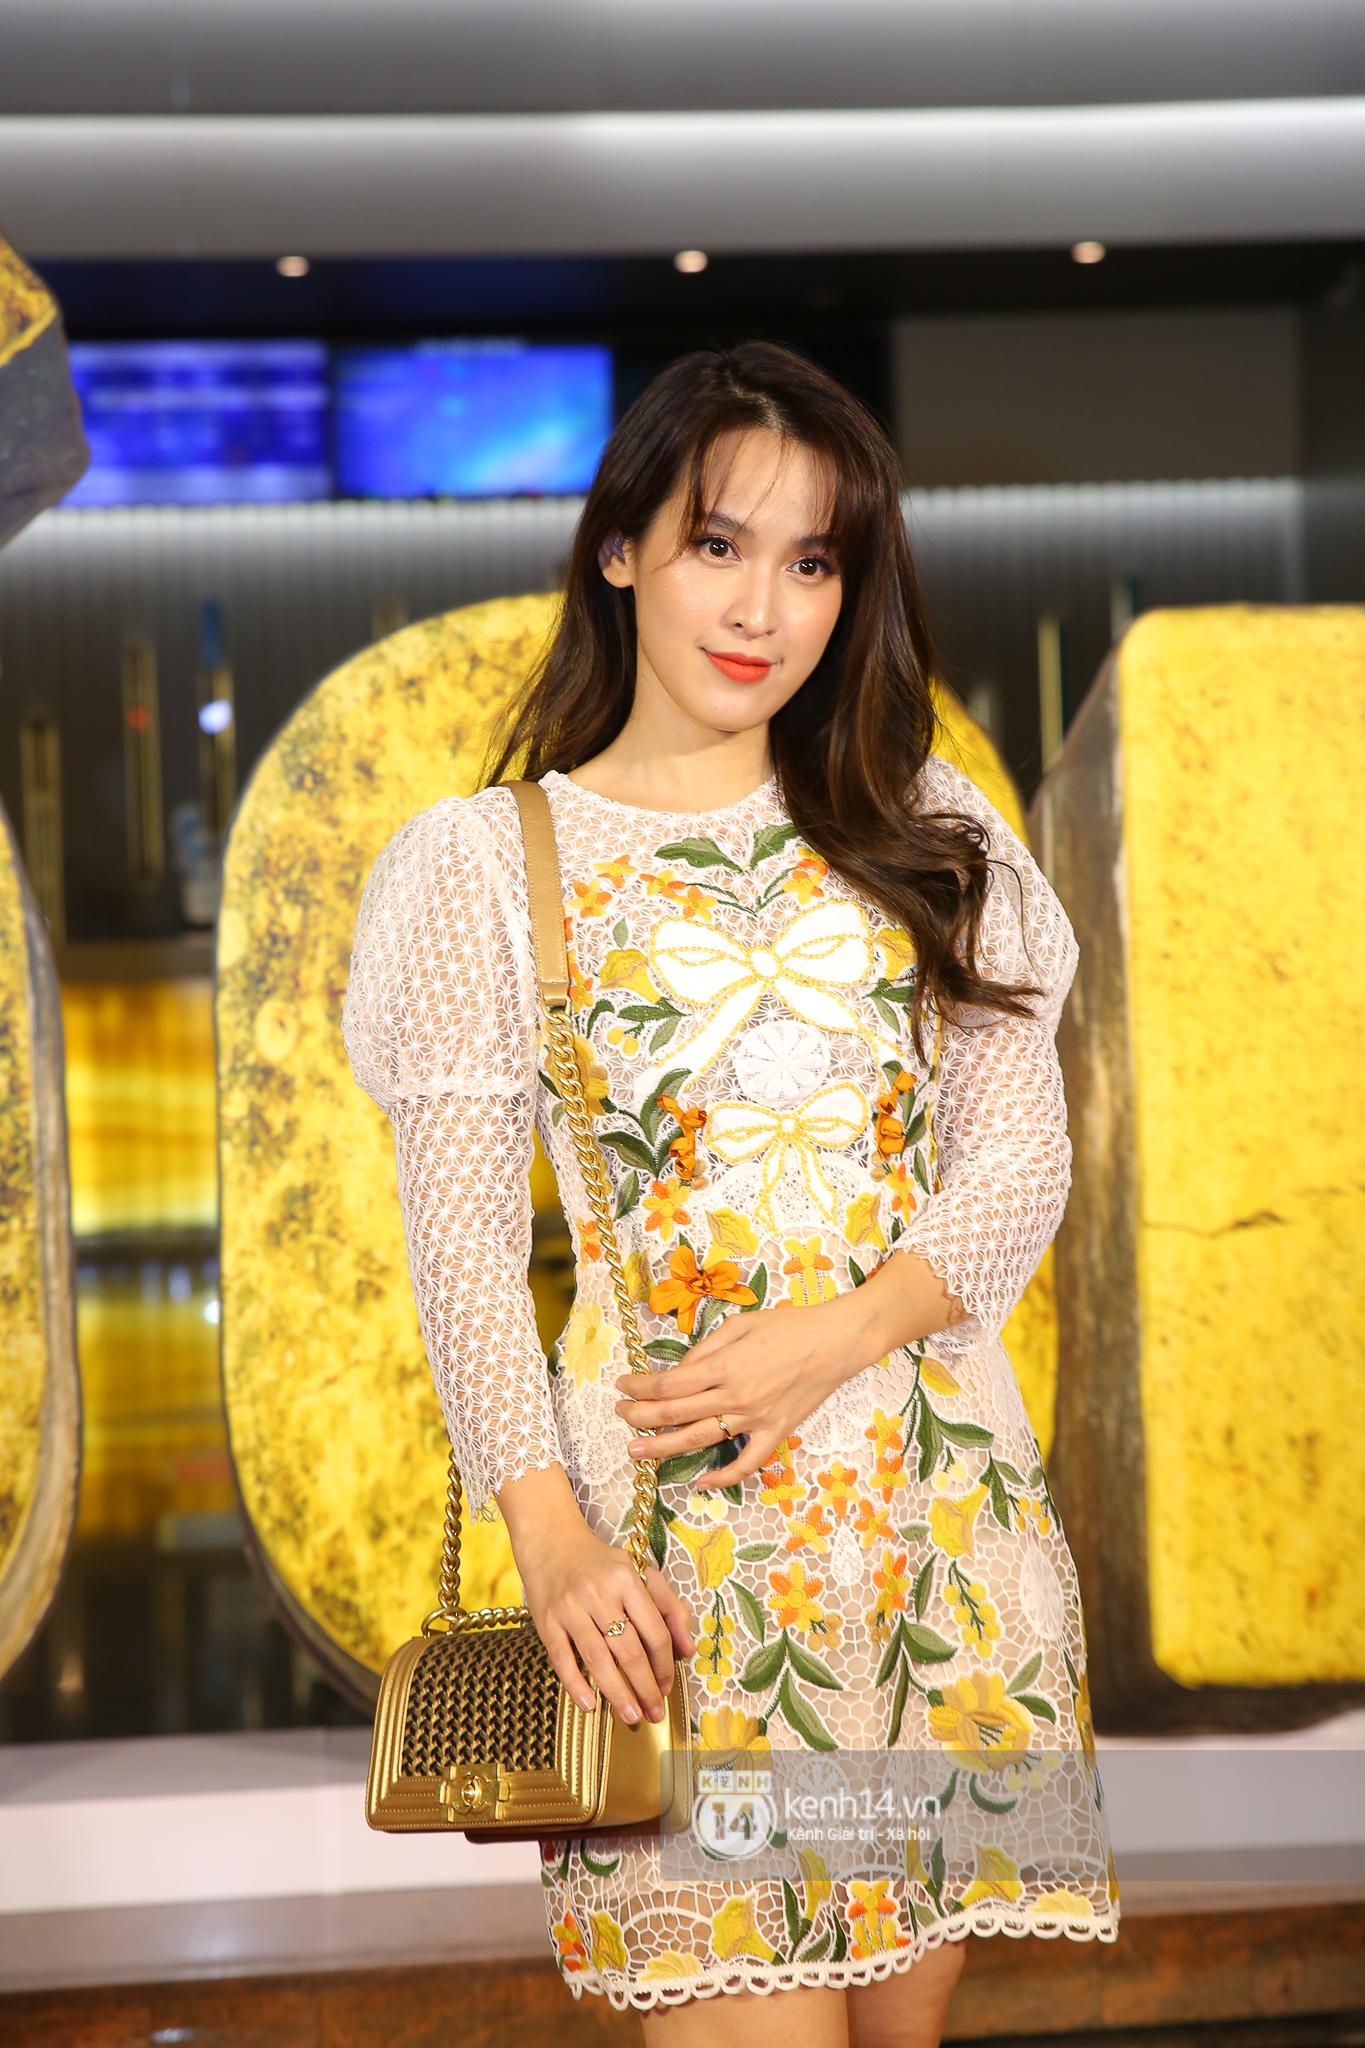 Cặp đôi nhà Đông Nhi, Lệ Quyên thi nhau show ân ái không kém cạnh Trấn Thành - Hariwon ở siêu thảm đỏ Bố Già - Ảnh 22.